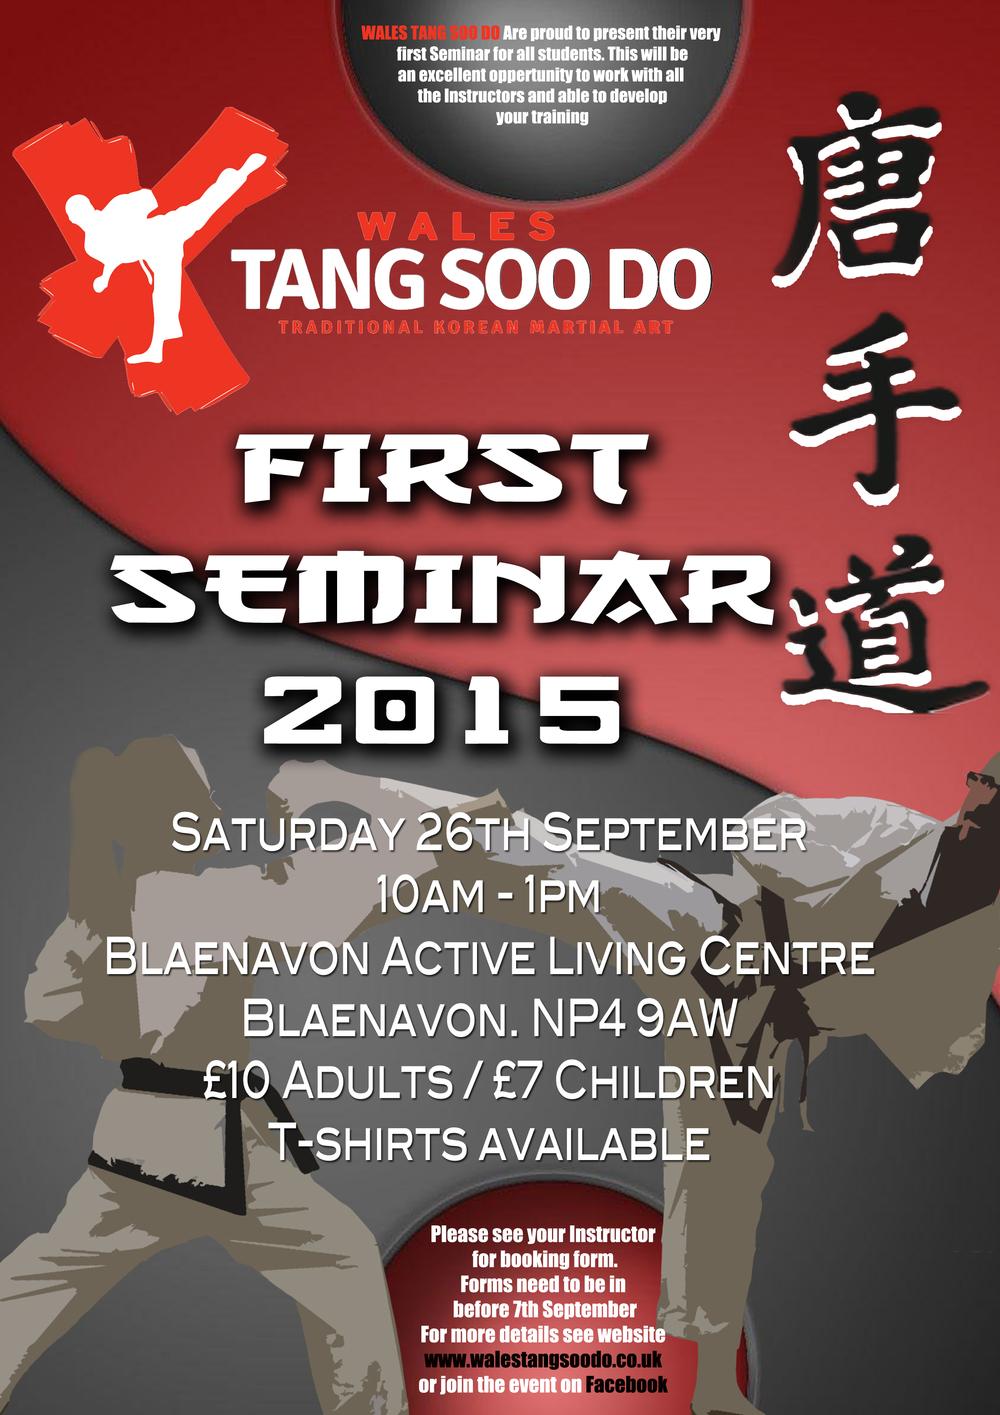 First Seminar